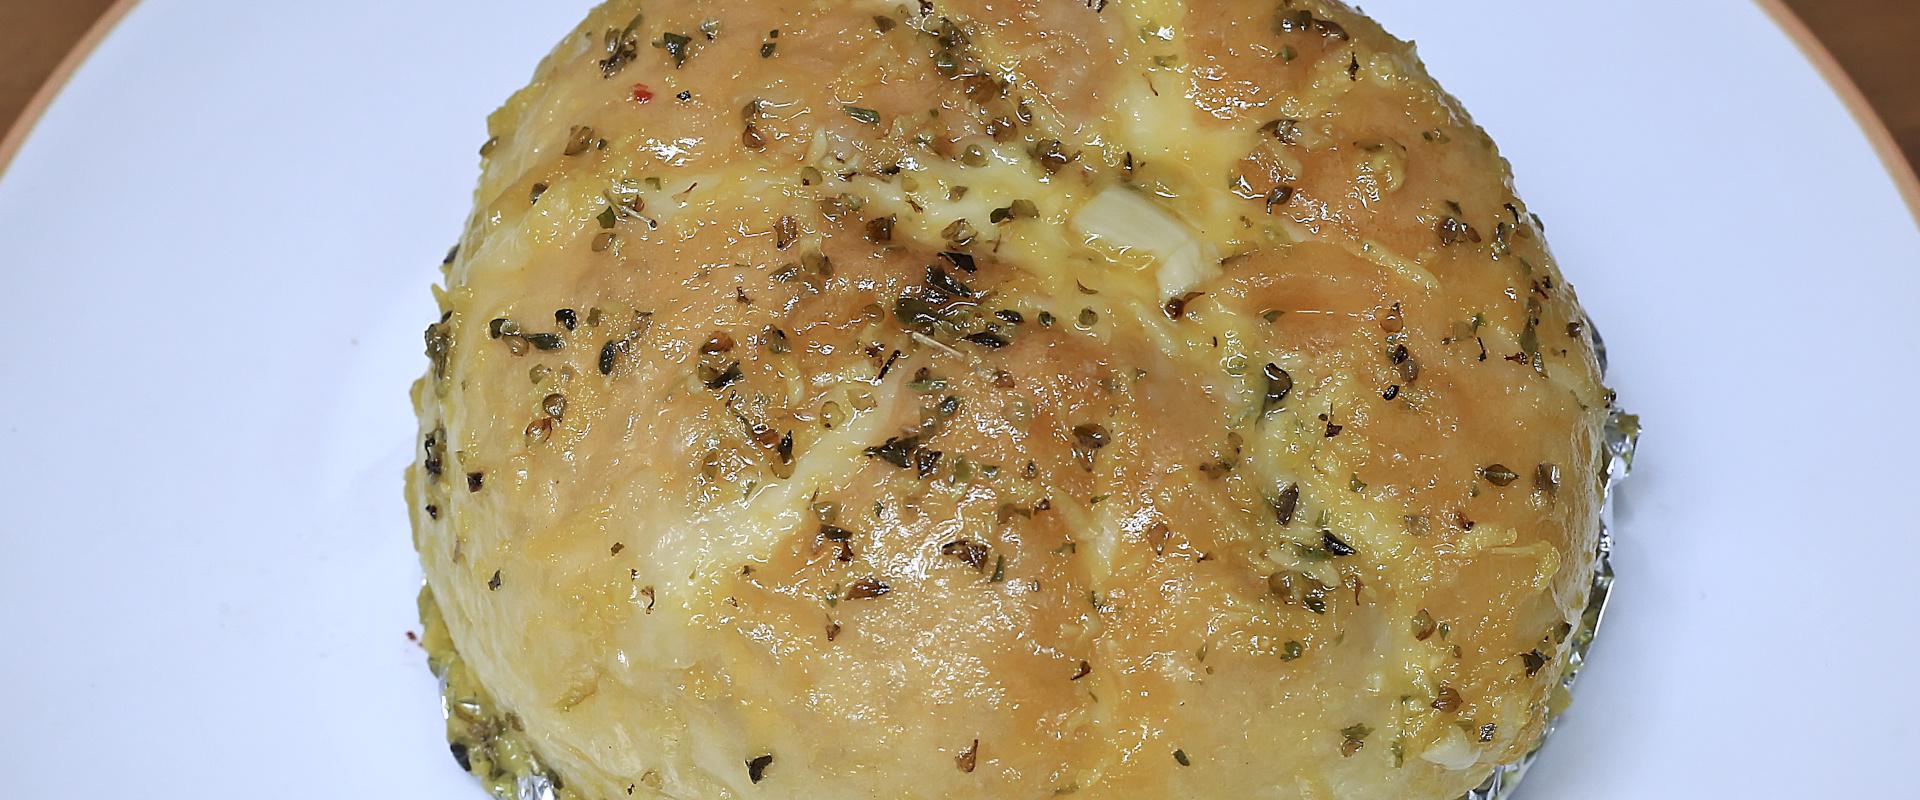 sajtos fokhagymás sült zsemle cover